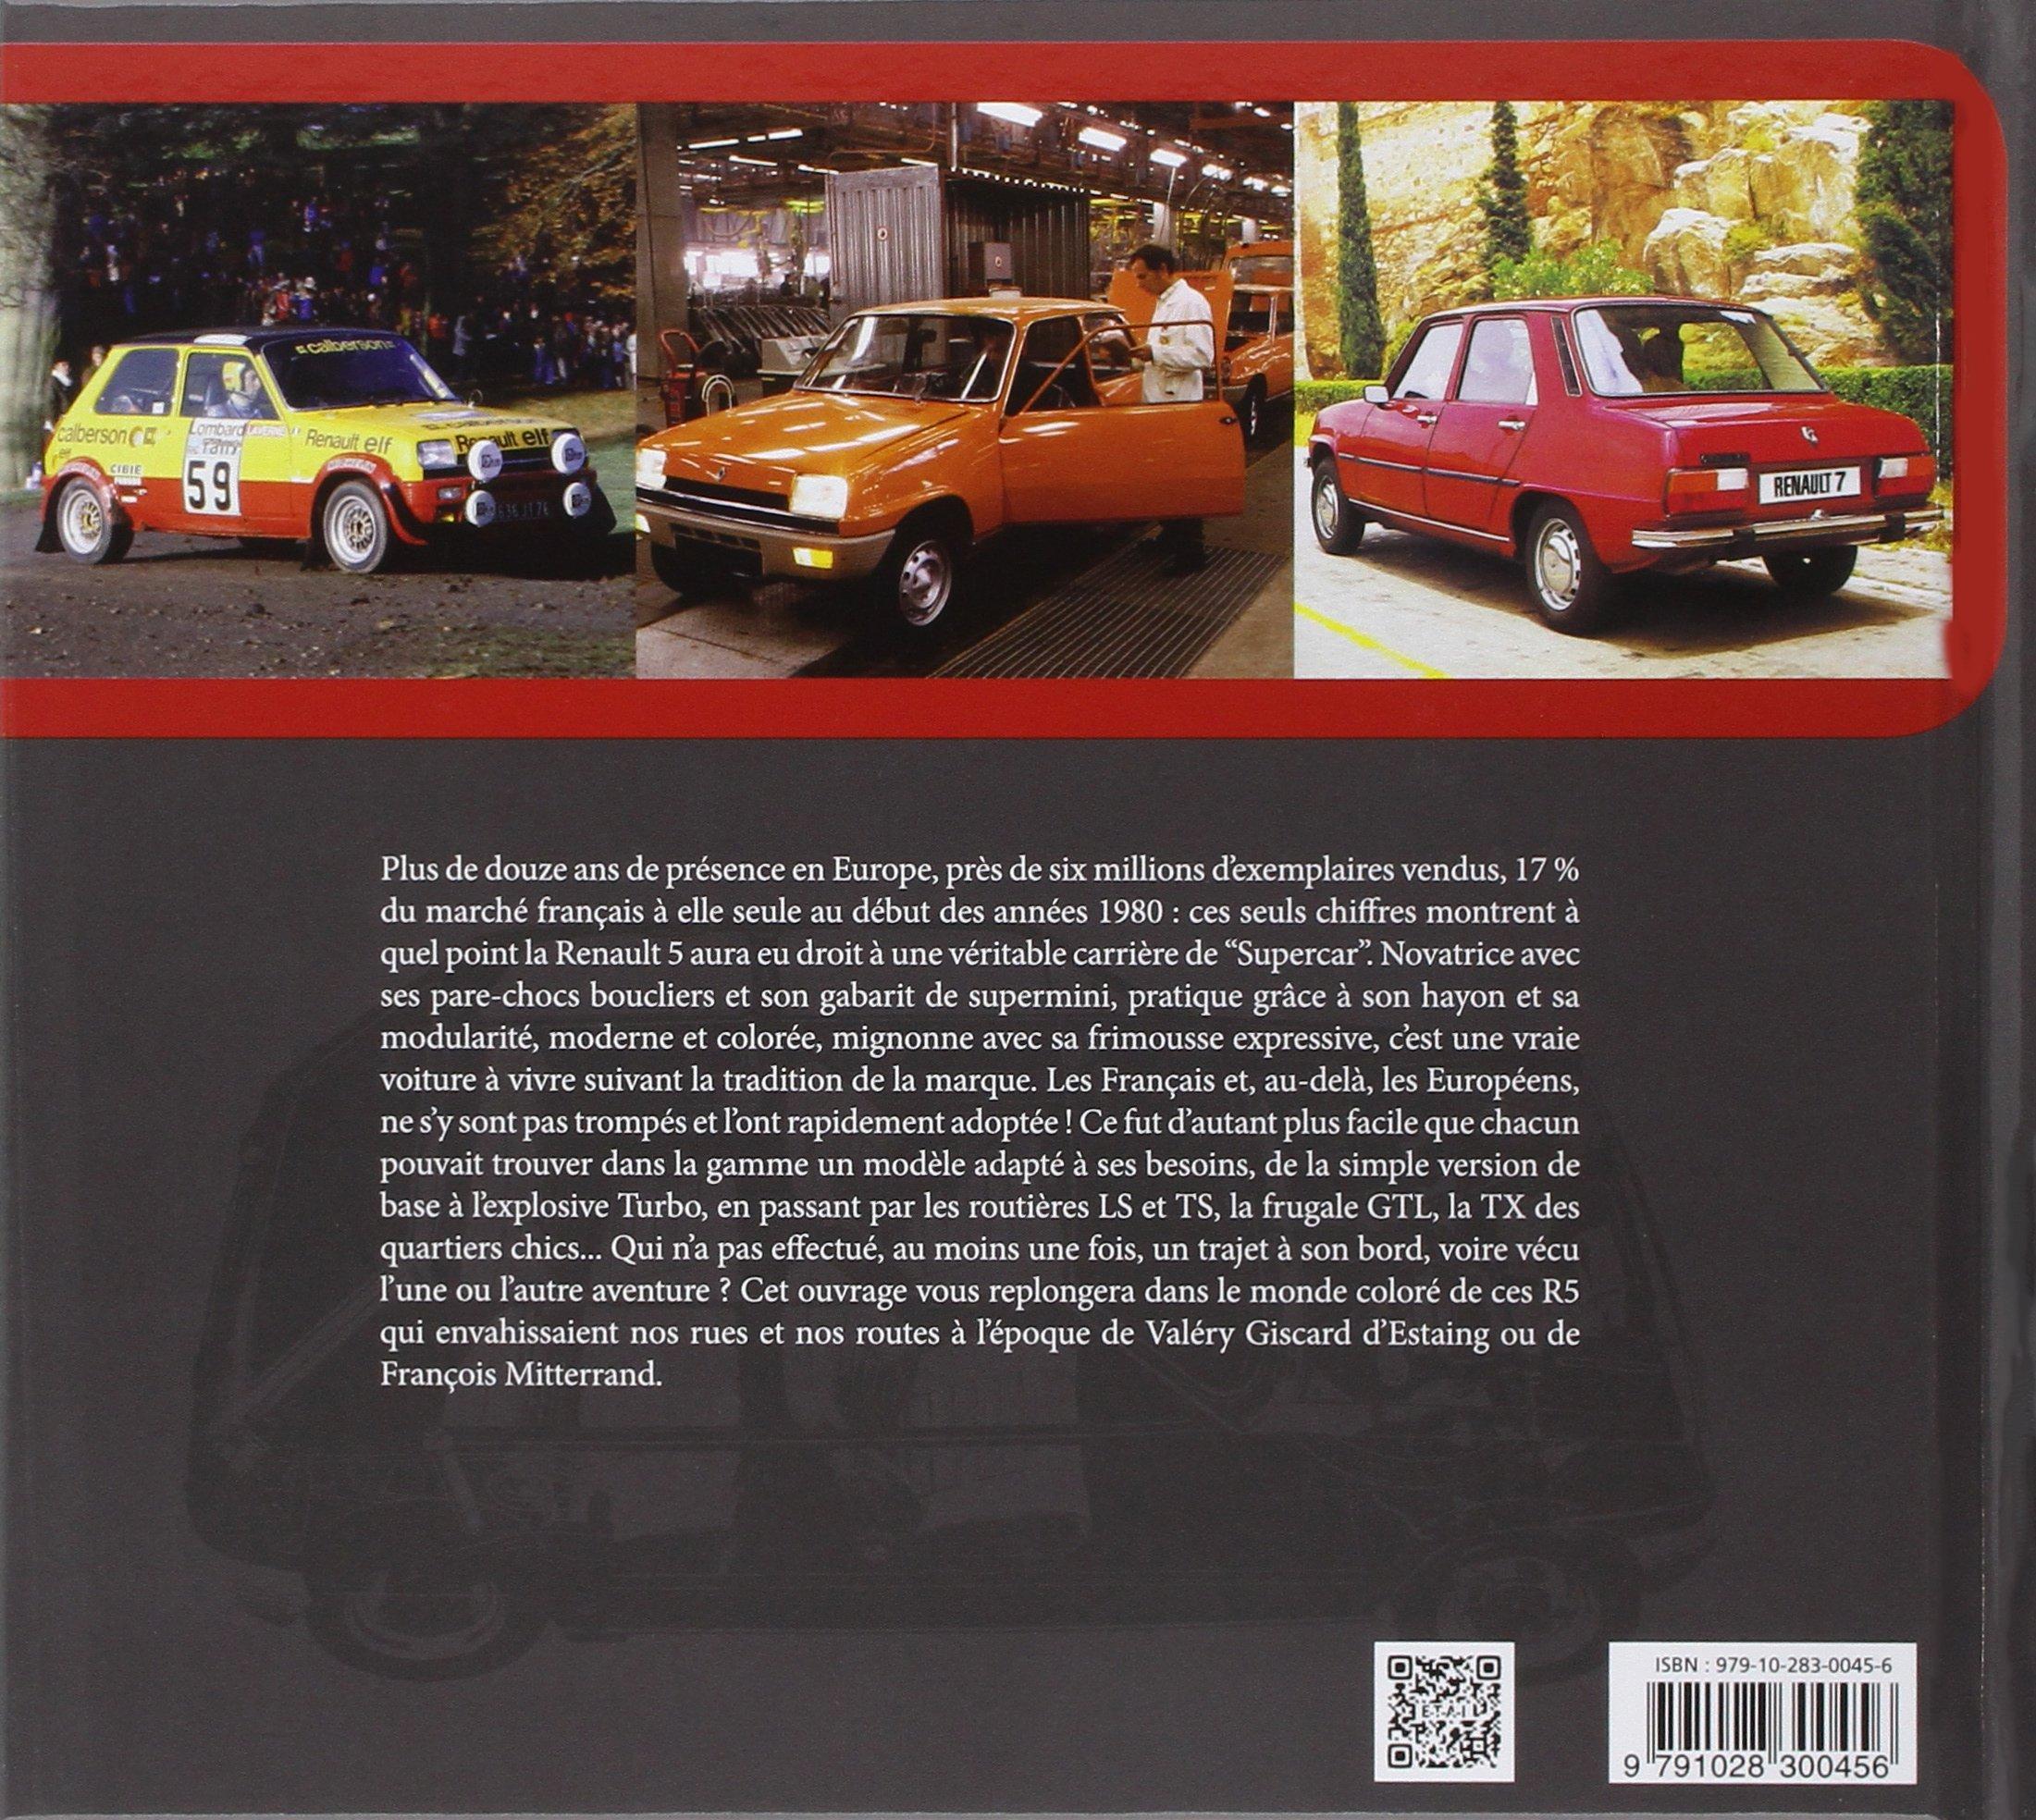 La Renault 5 de mon père: Amazon.es: Bernard Vermeylen, Yann Le Ray: Libros en idiomas extranjeros